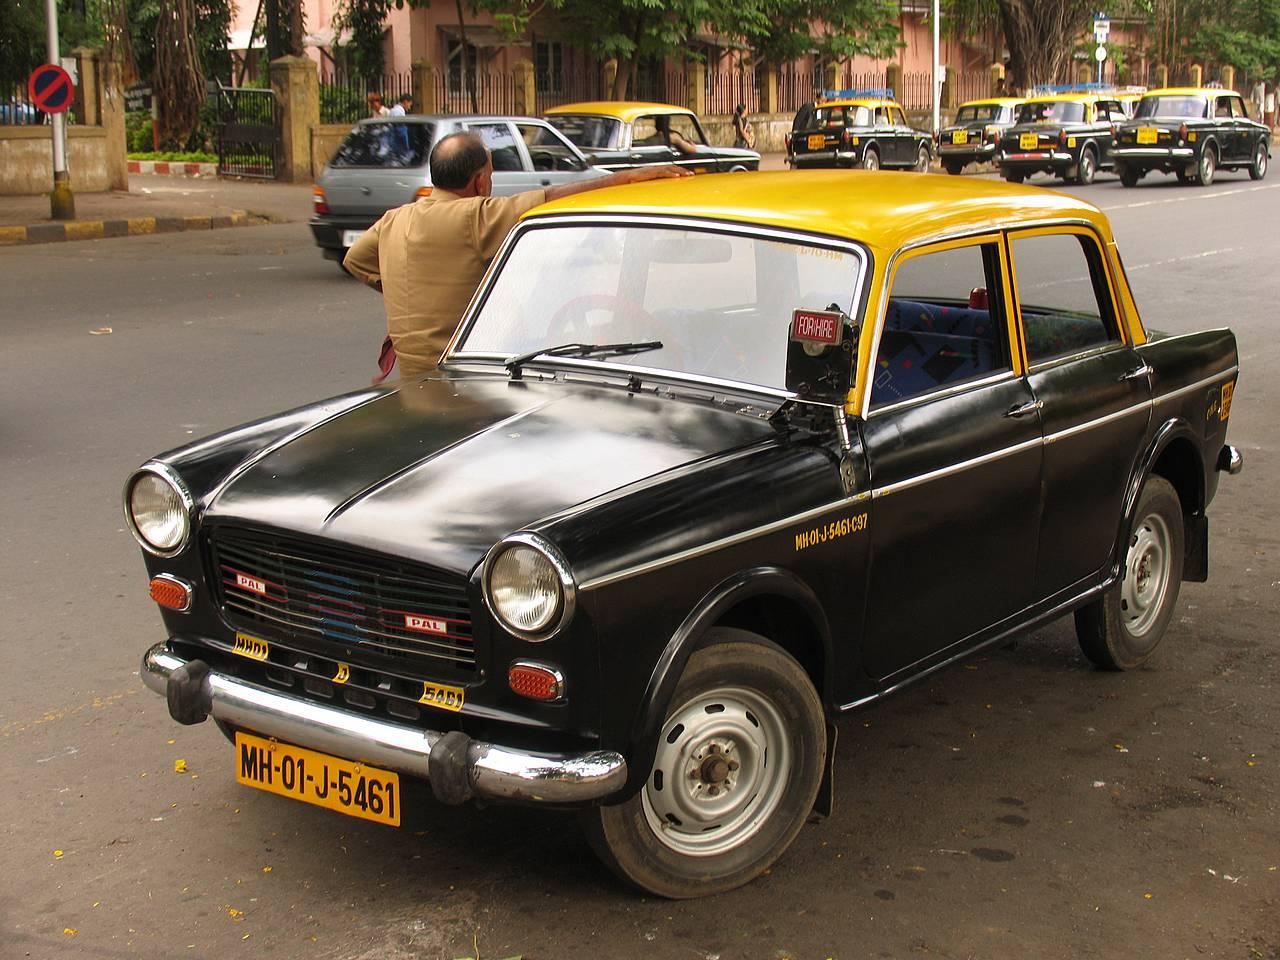 سیستم حمل و نقل بمبئی